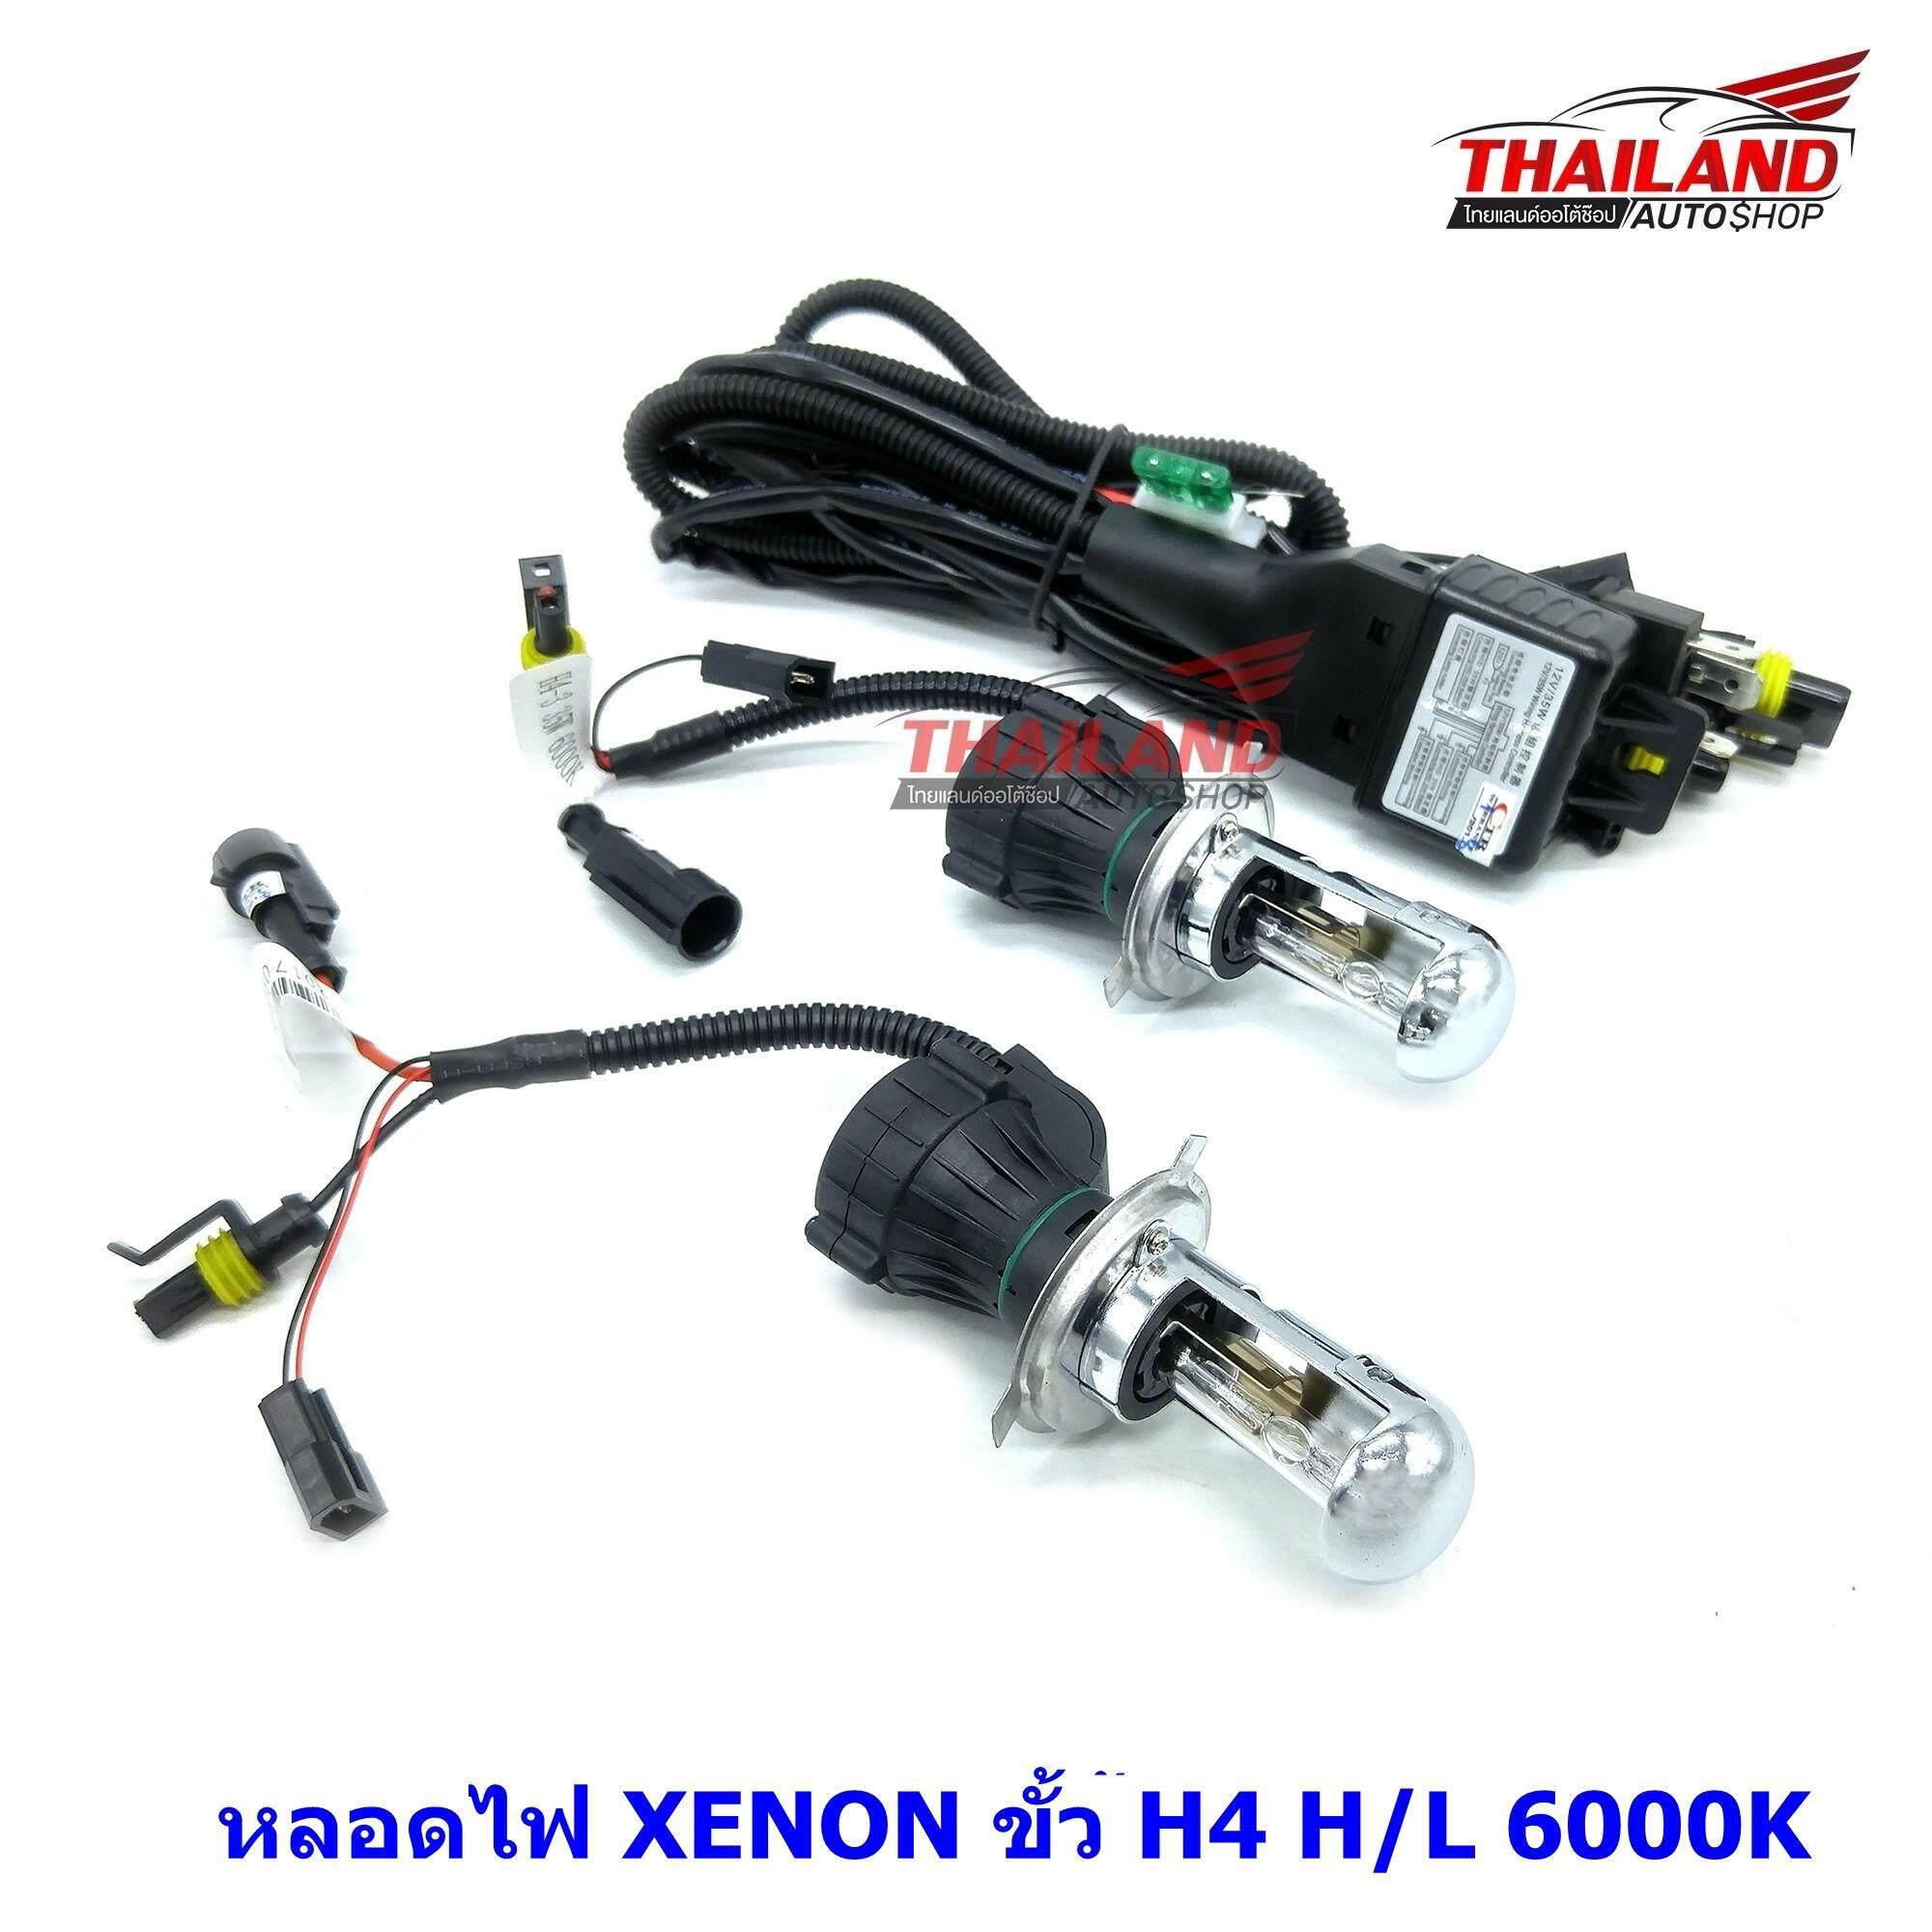 ราคา Thailand หลอดไฟ Xenon ขั้ว H4 H L 6000K Unbranded Generic ออนไลน์